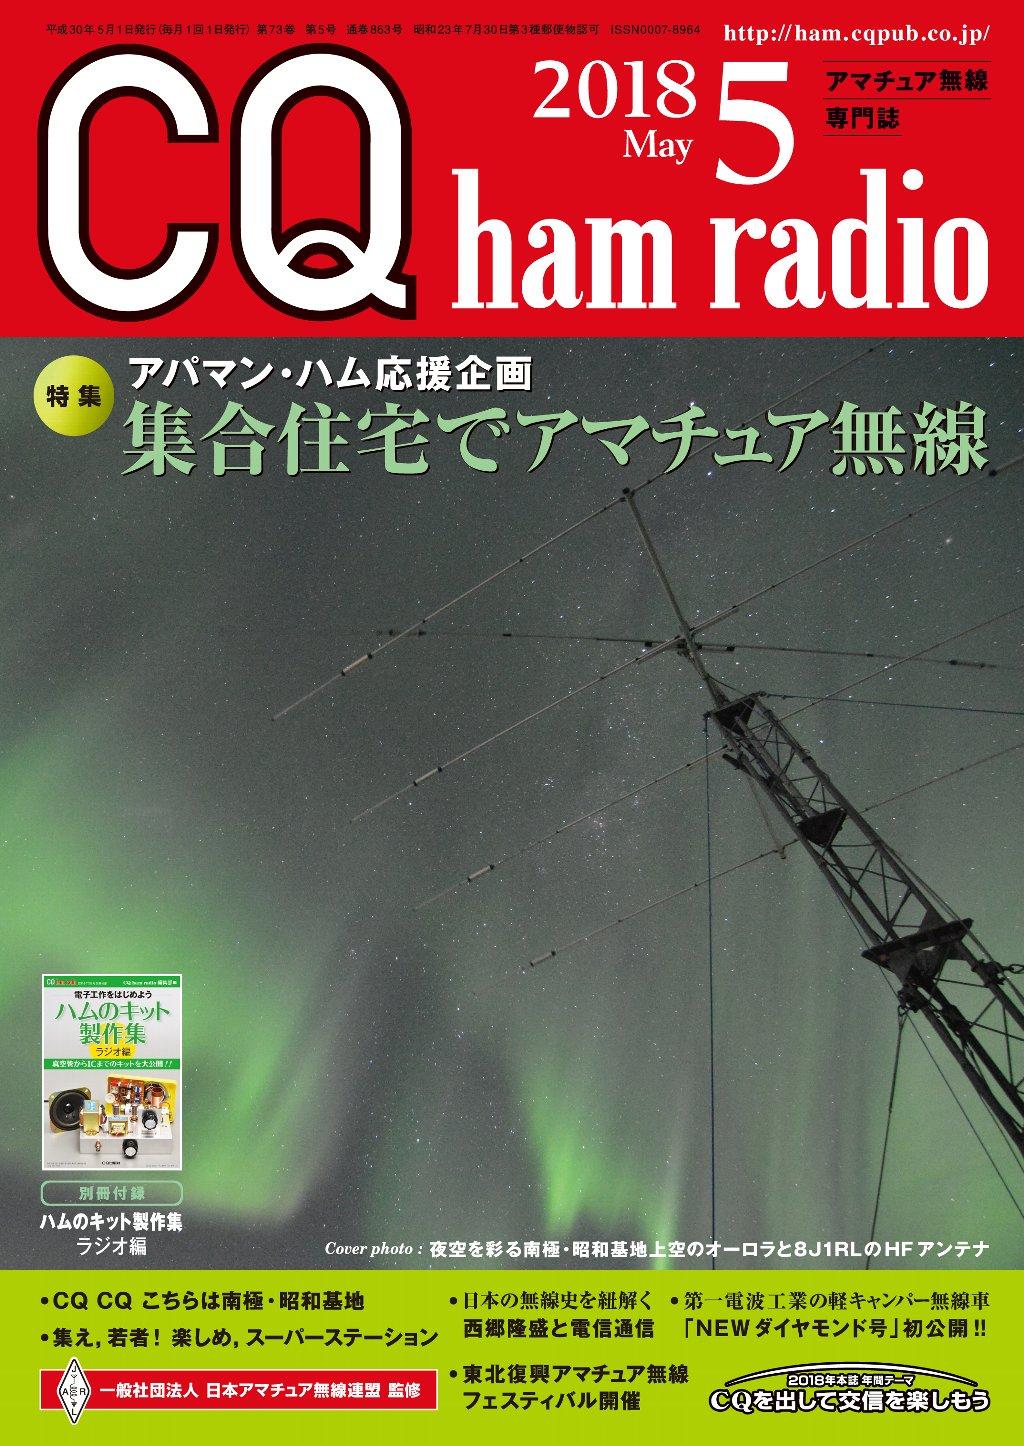 CQ ham radio 2018年5月号